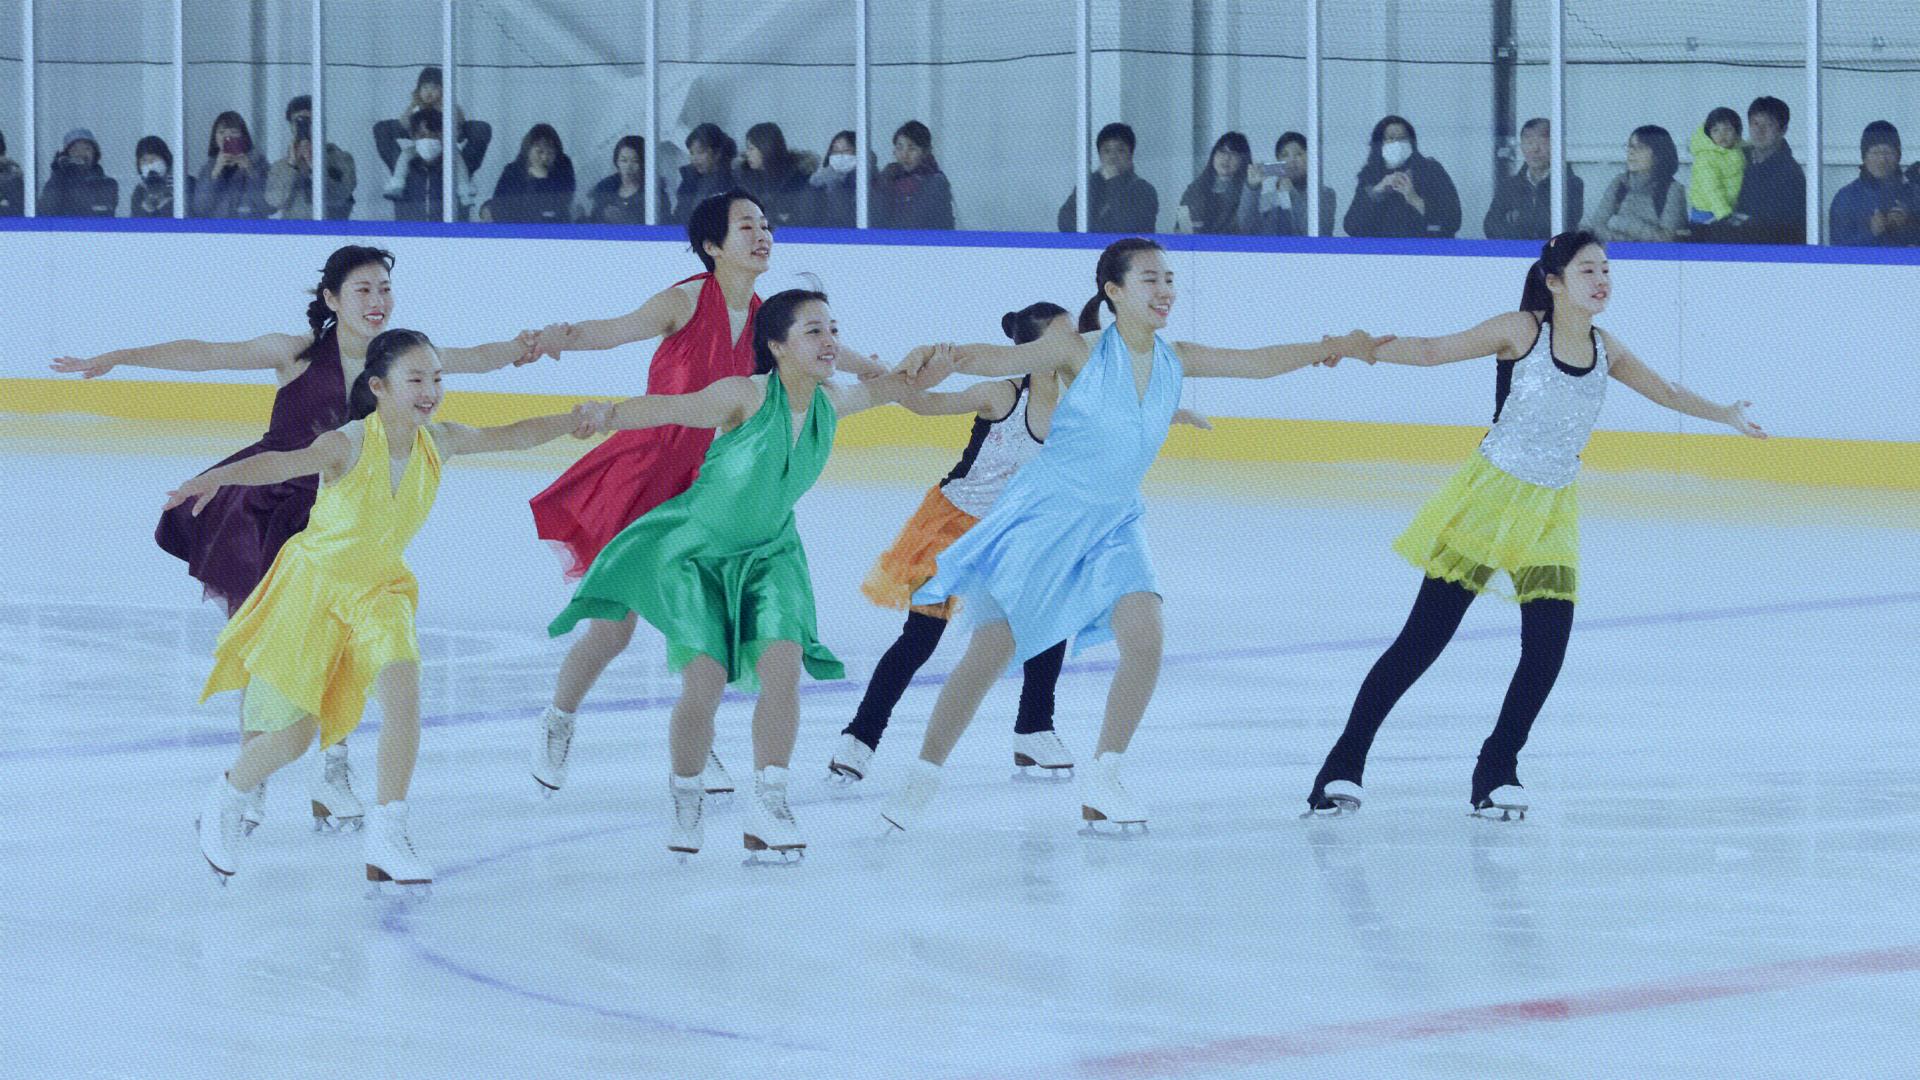 京都 スケート 場